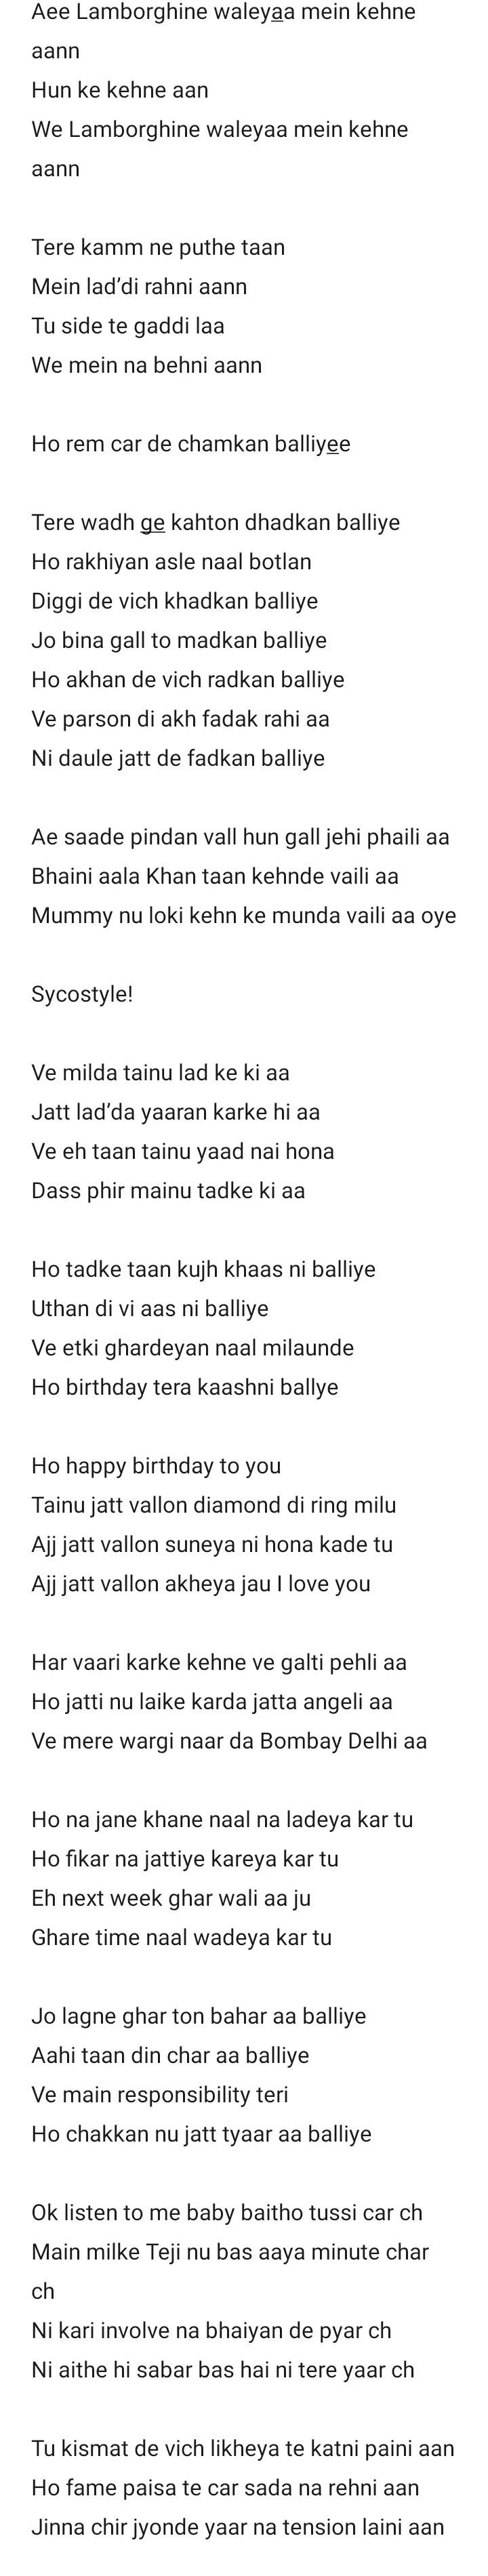 Lamborghini lyrics - khan bhaini | sycostyle